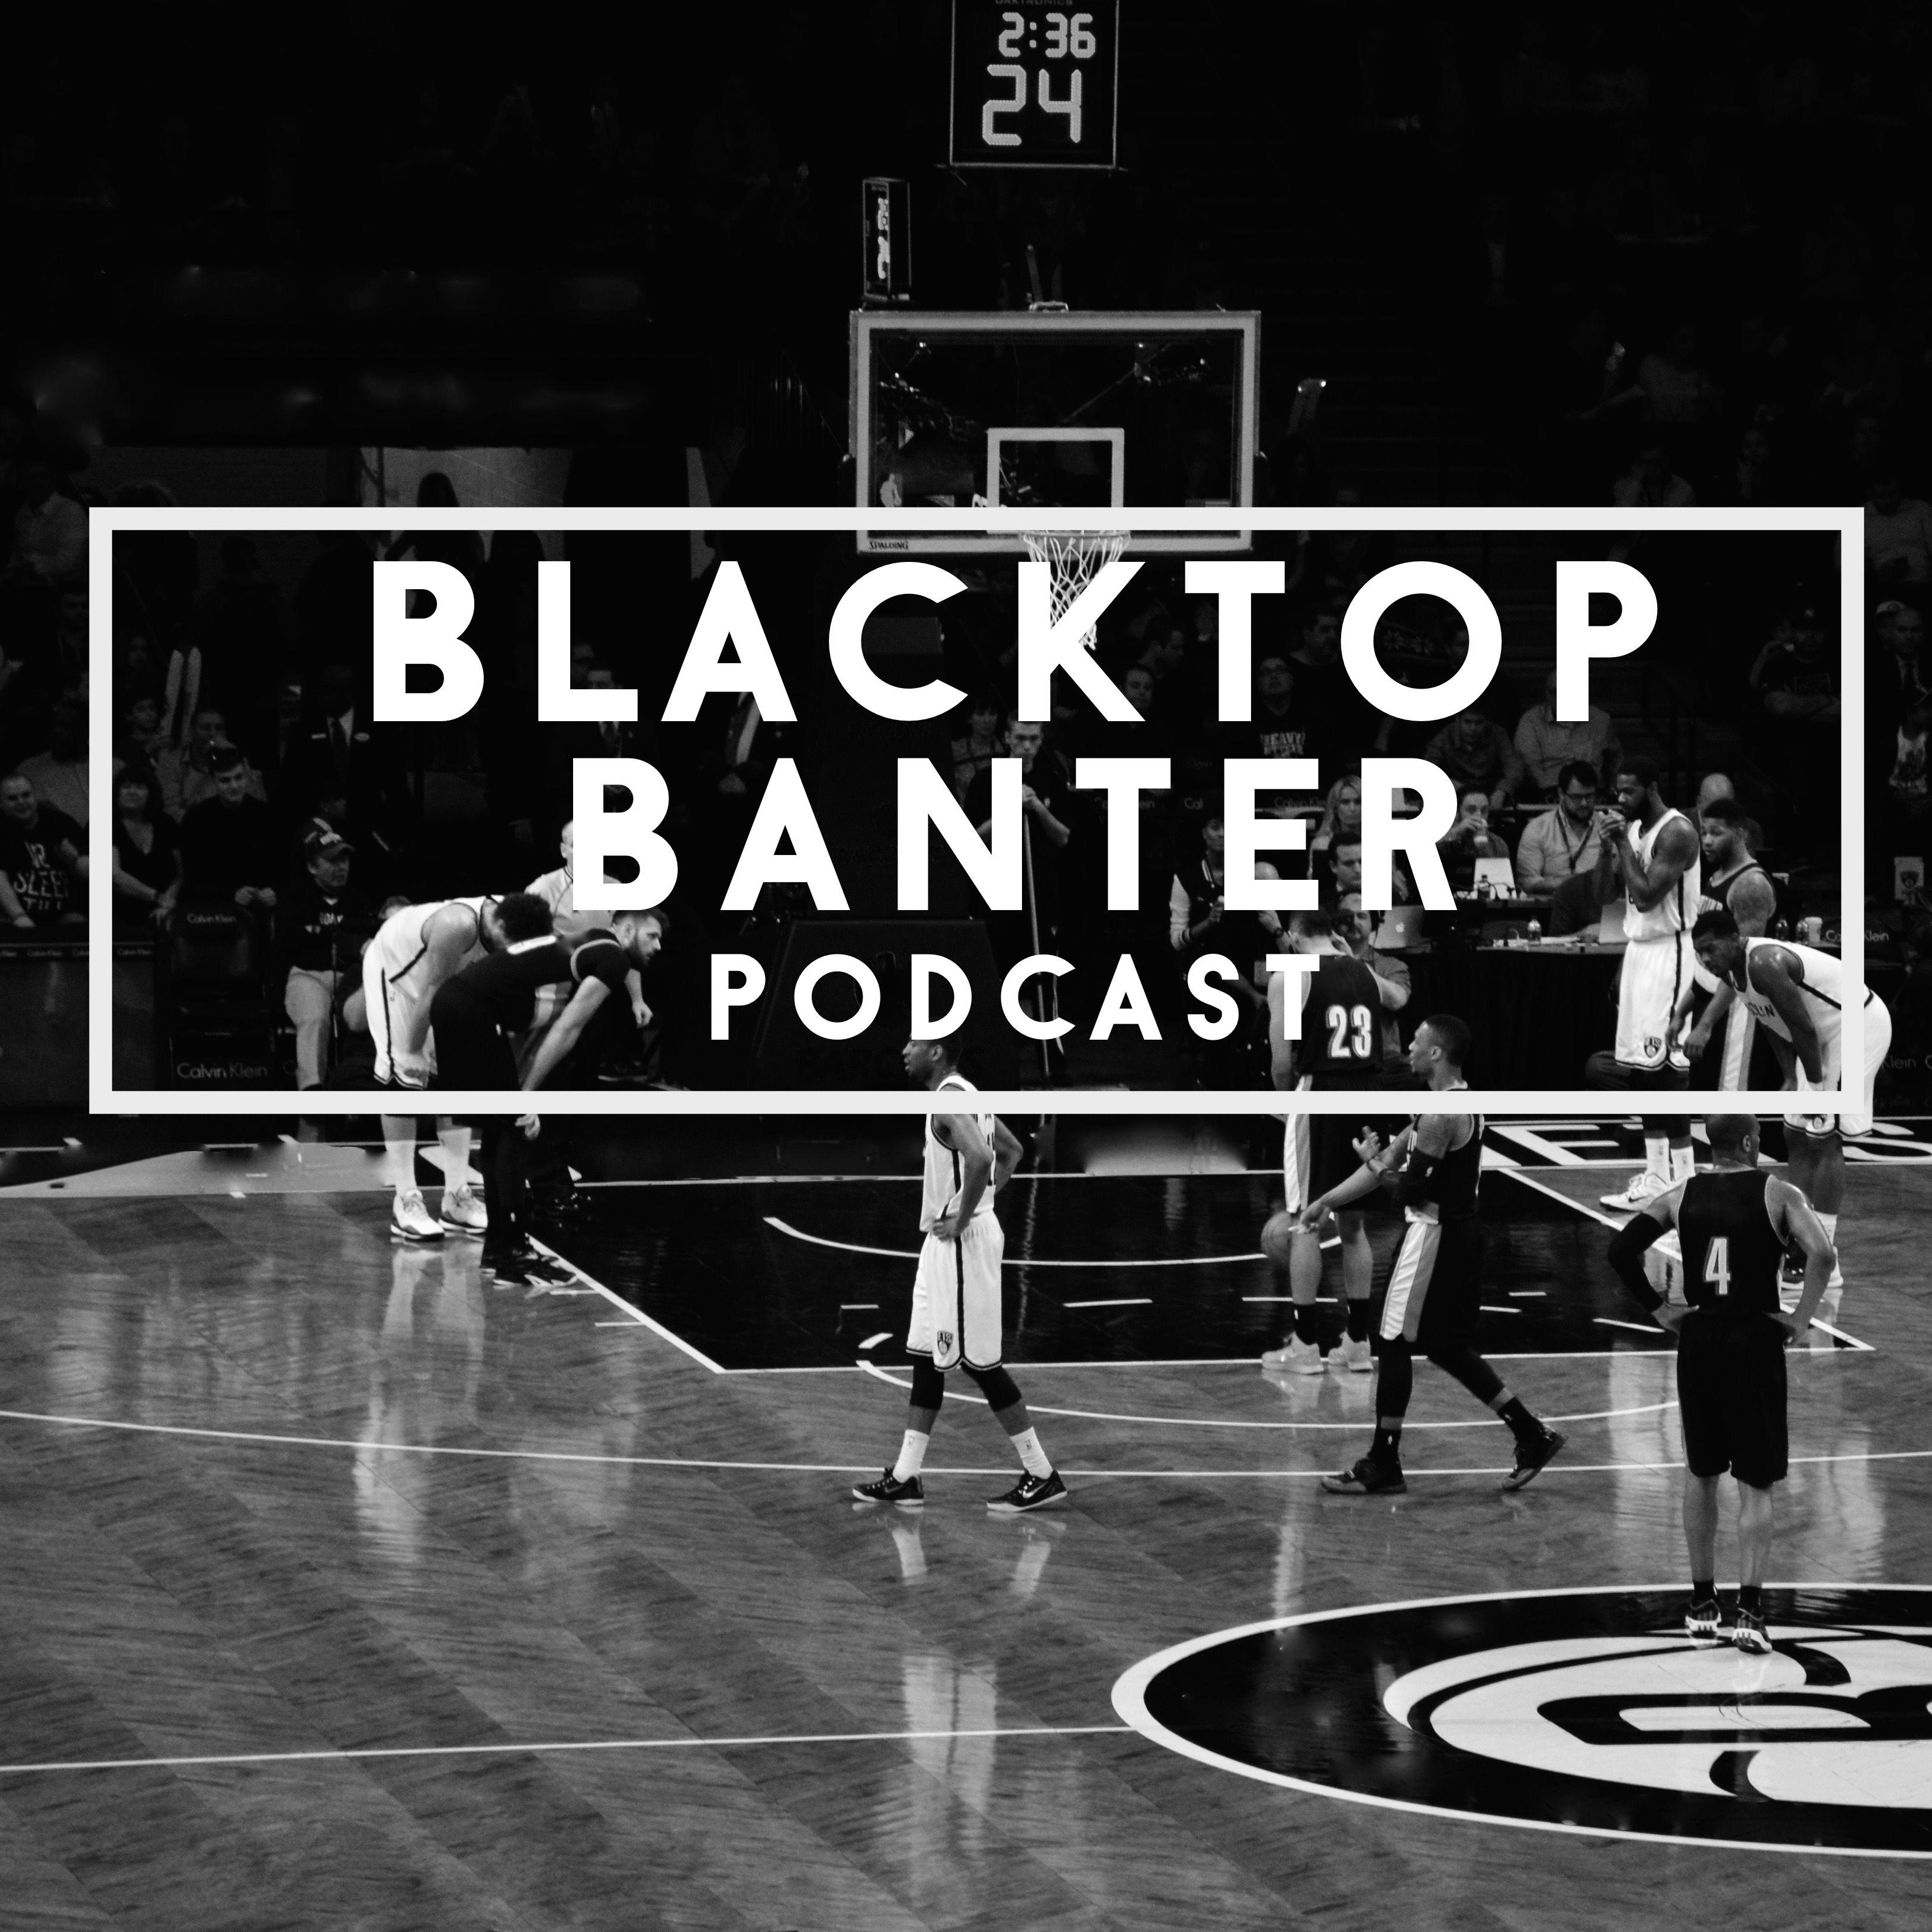 Blacktop Banter Podcast